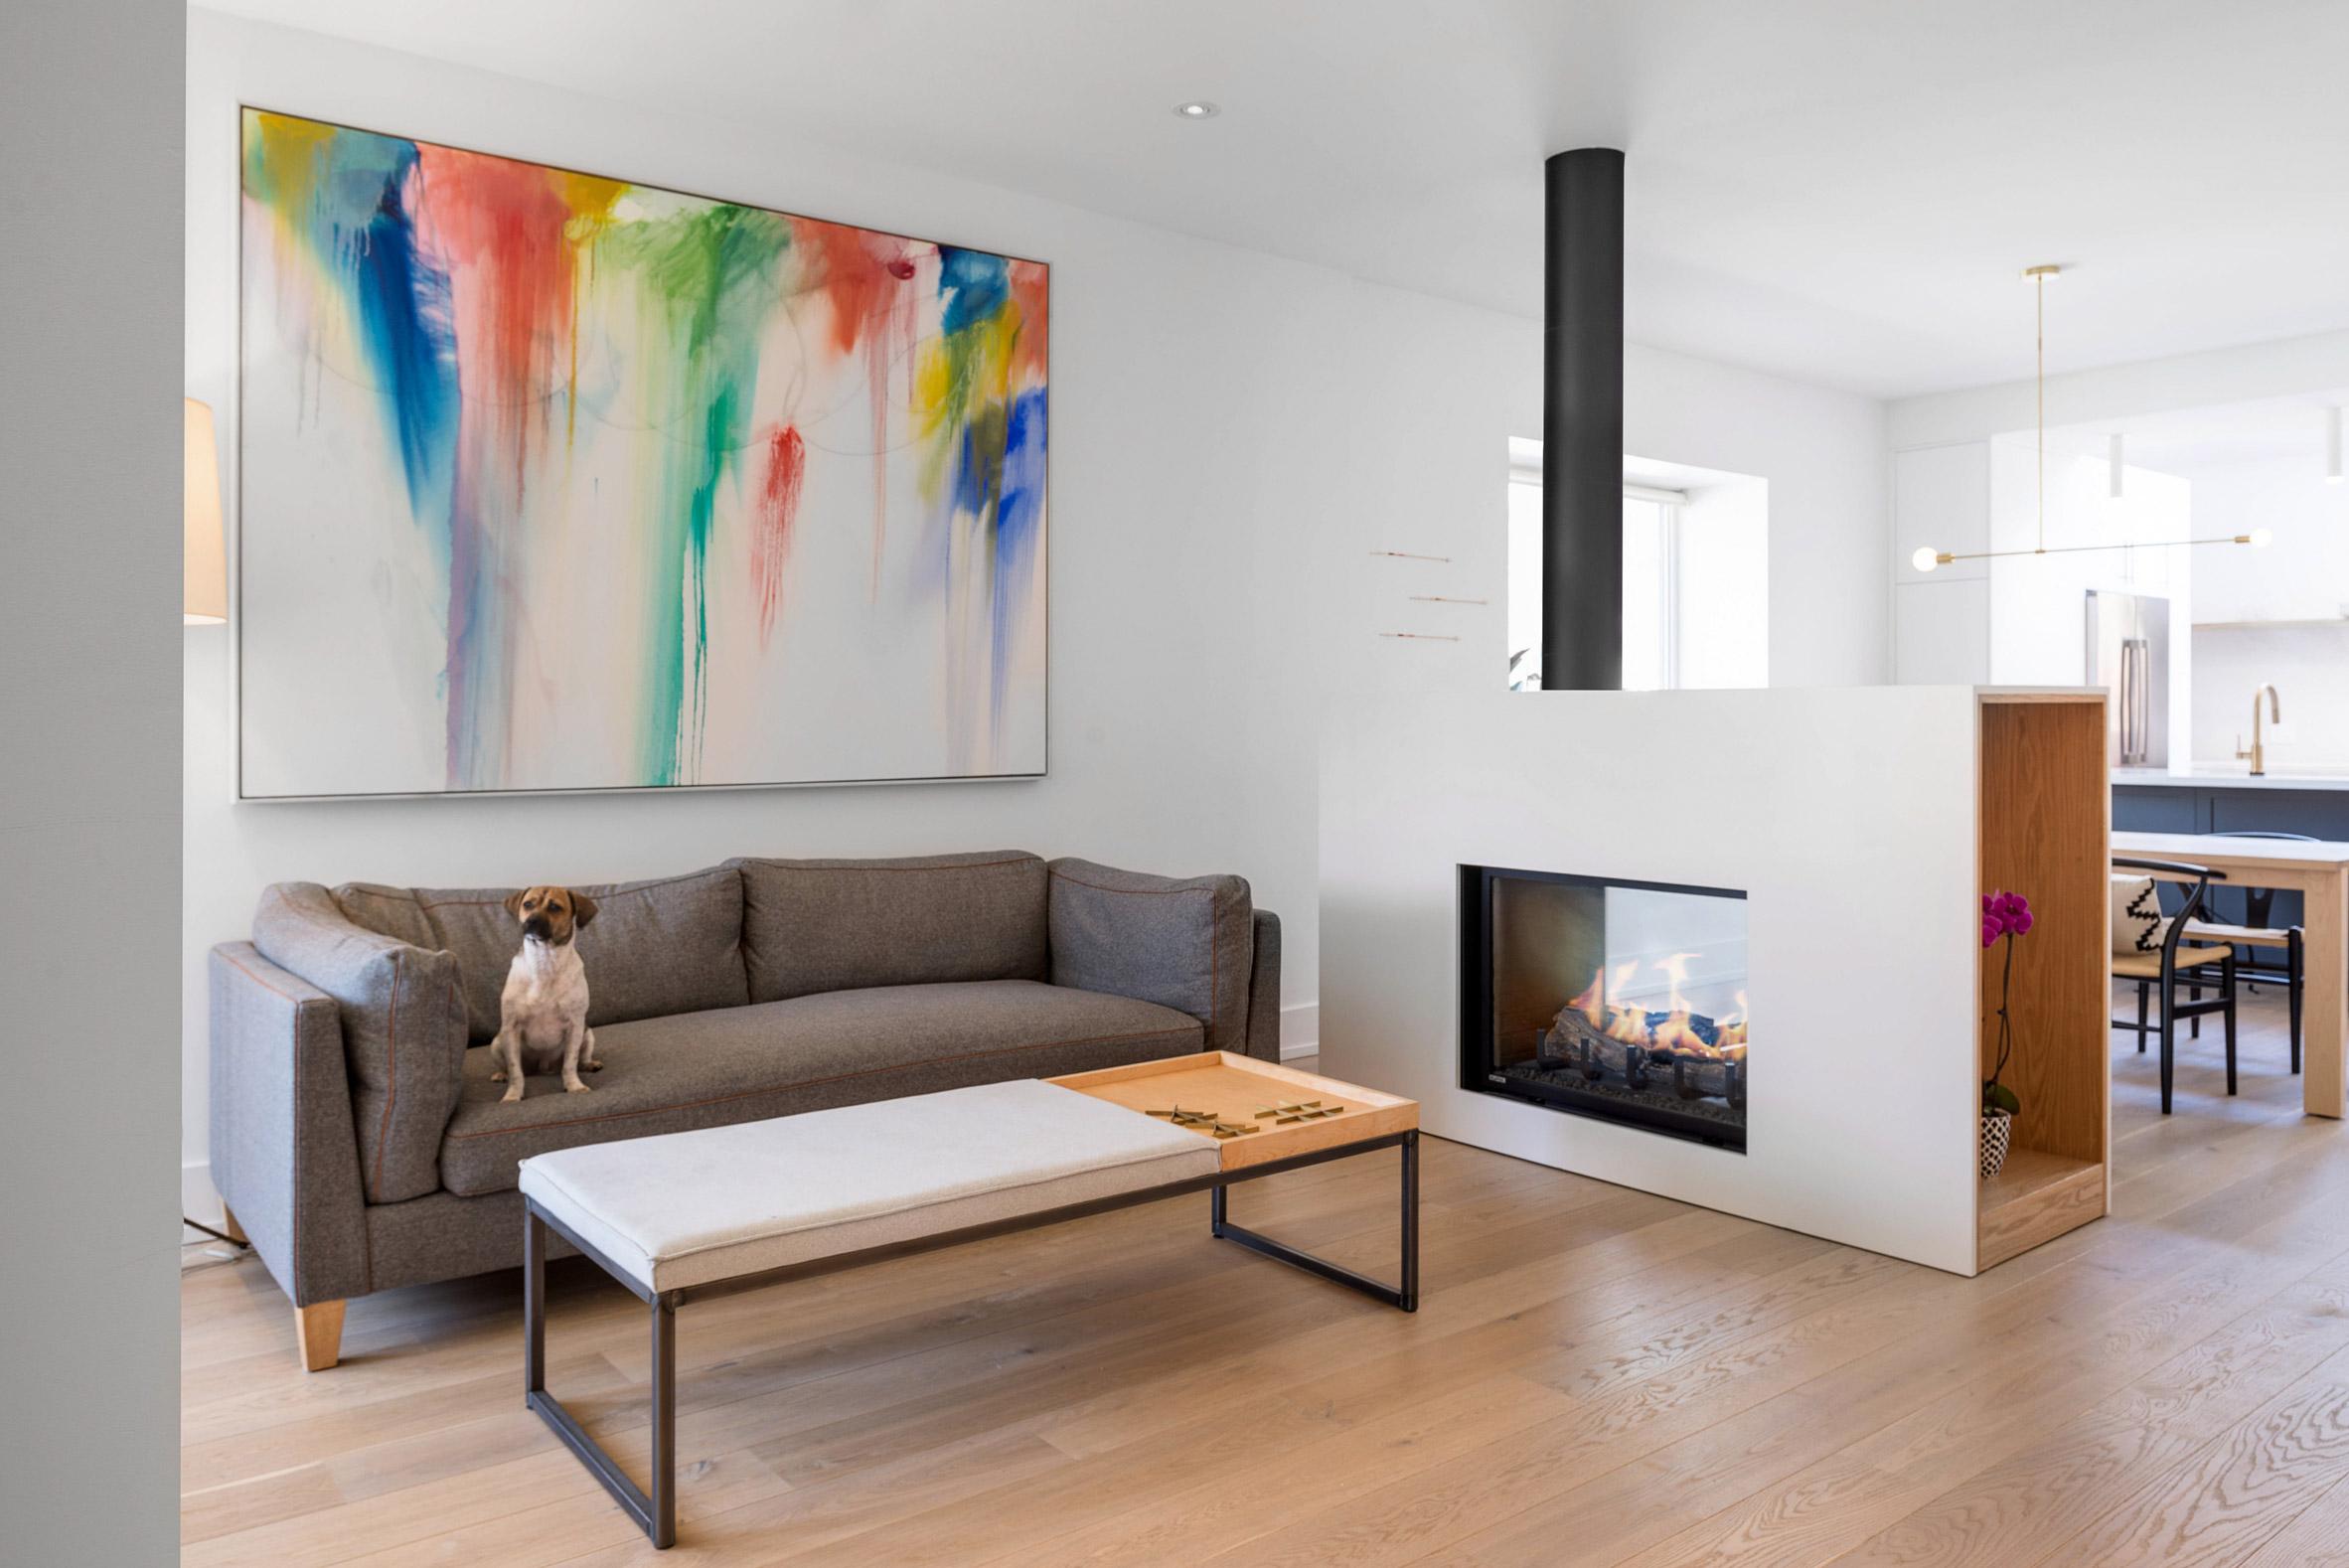 design 3noviceseurope page 81. Black Bedroom Furniture Sets. Home Design Ideas